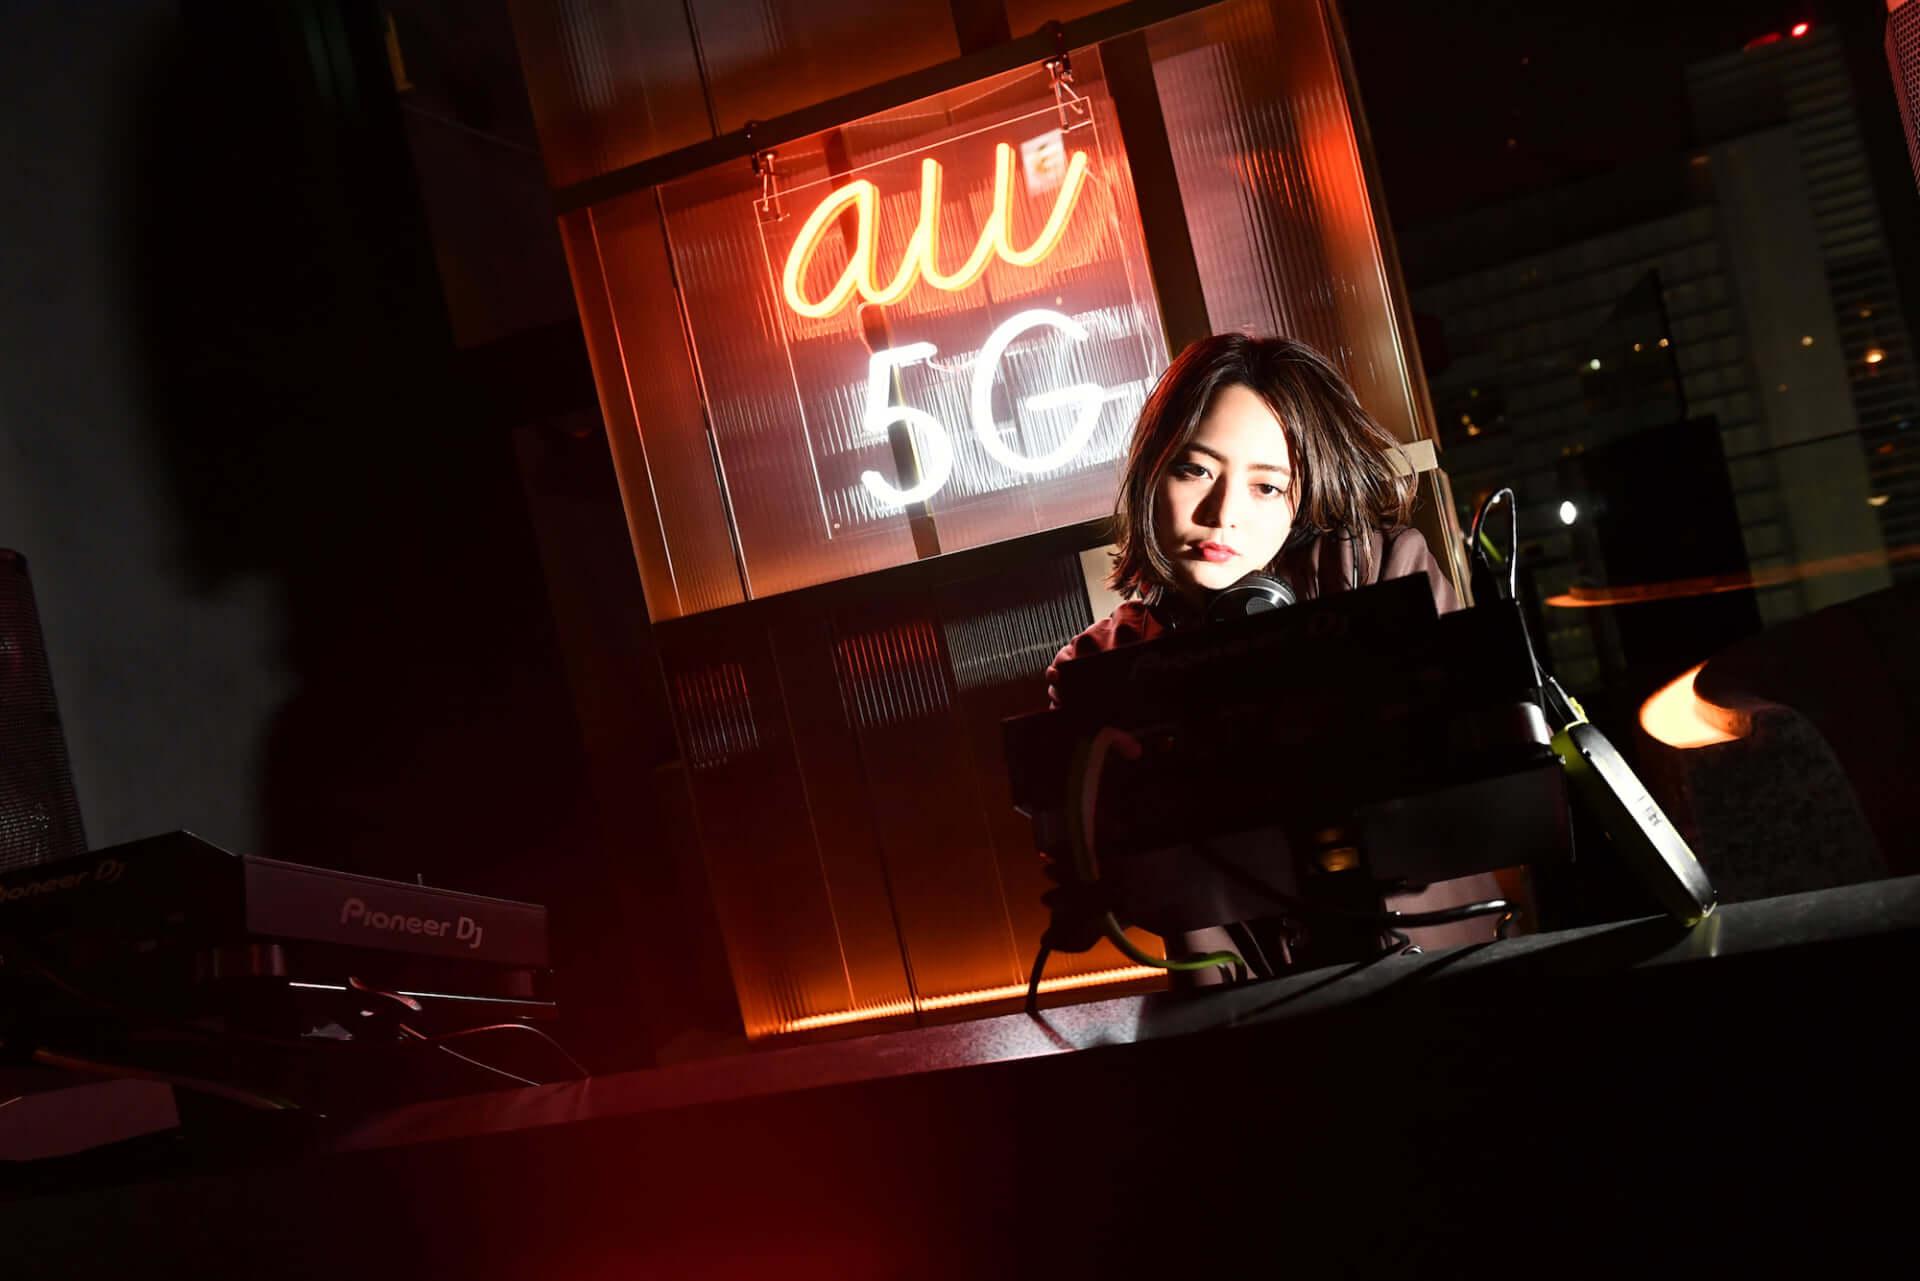 渋谷が5G×エンタメで盛り上がる!「渋谷5Gエンターテイメントプロジェクト」始動|キックオフパーティーにダレン・エマーソン、Licaxxxら登場 music200128_5g_0278-1920x1281